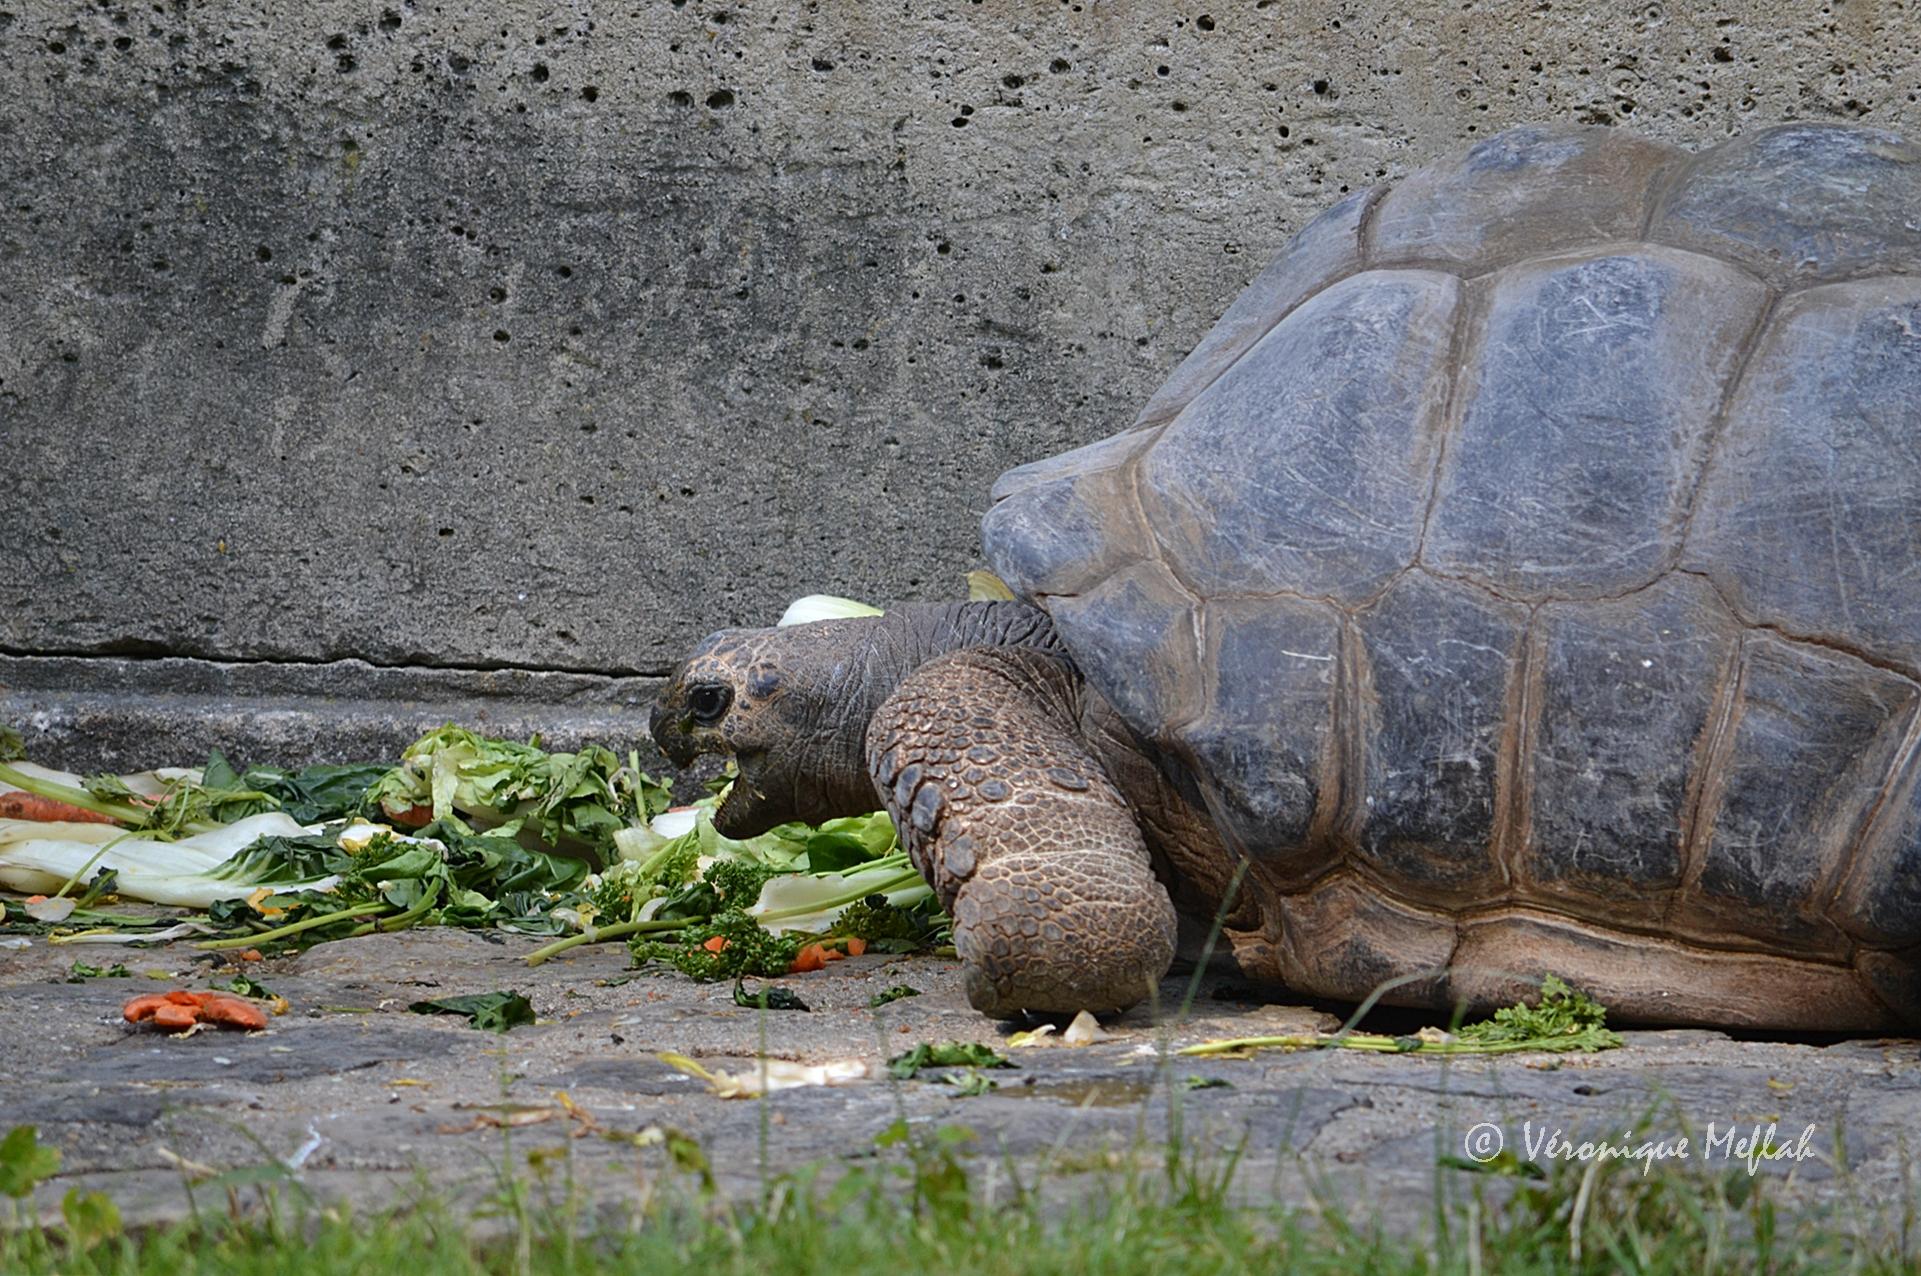 M nagerie du jardin des plantes p ricl s tortue des seychelles une fleur de paris - Menagerie du jardin des plantes tarif ...